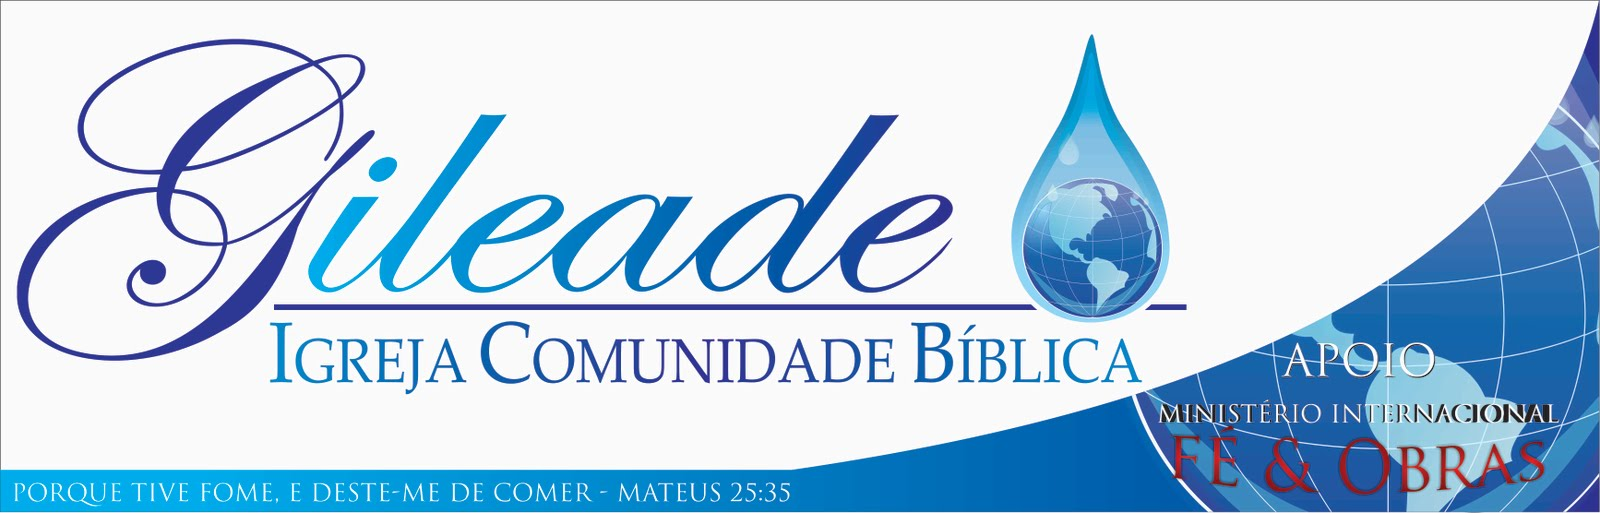 Igreja Comunidade Biblica Gileade